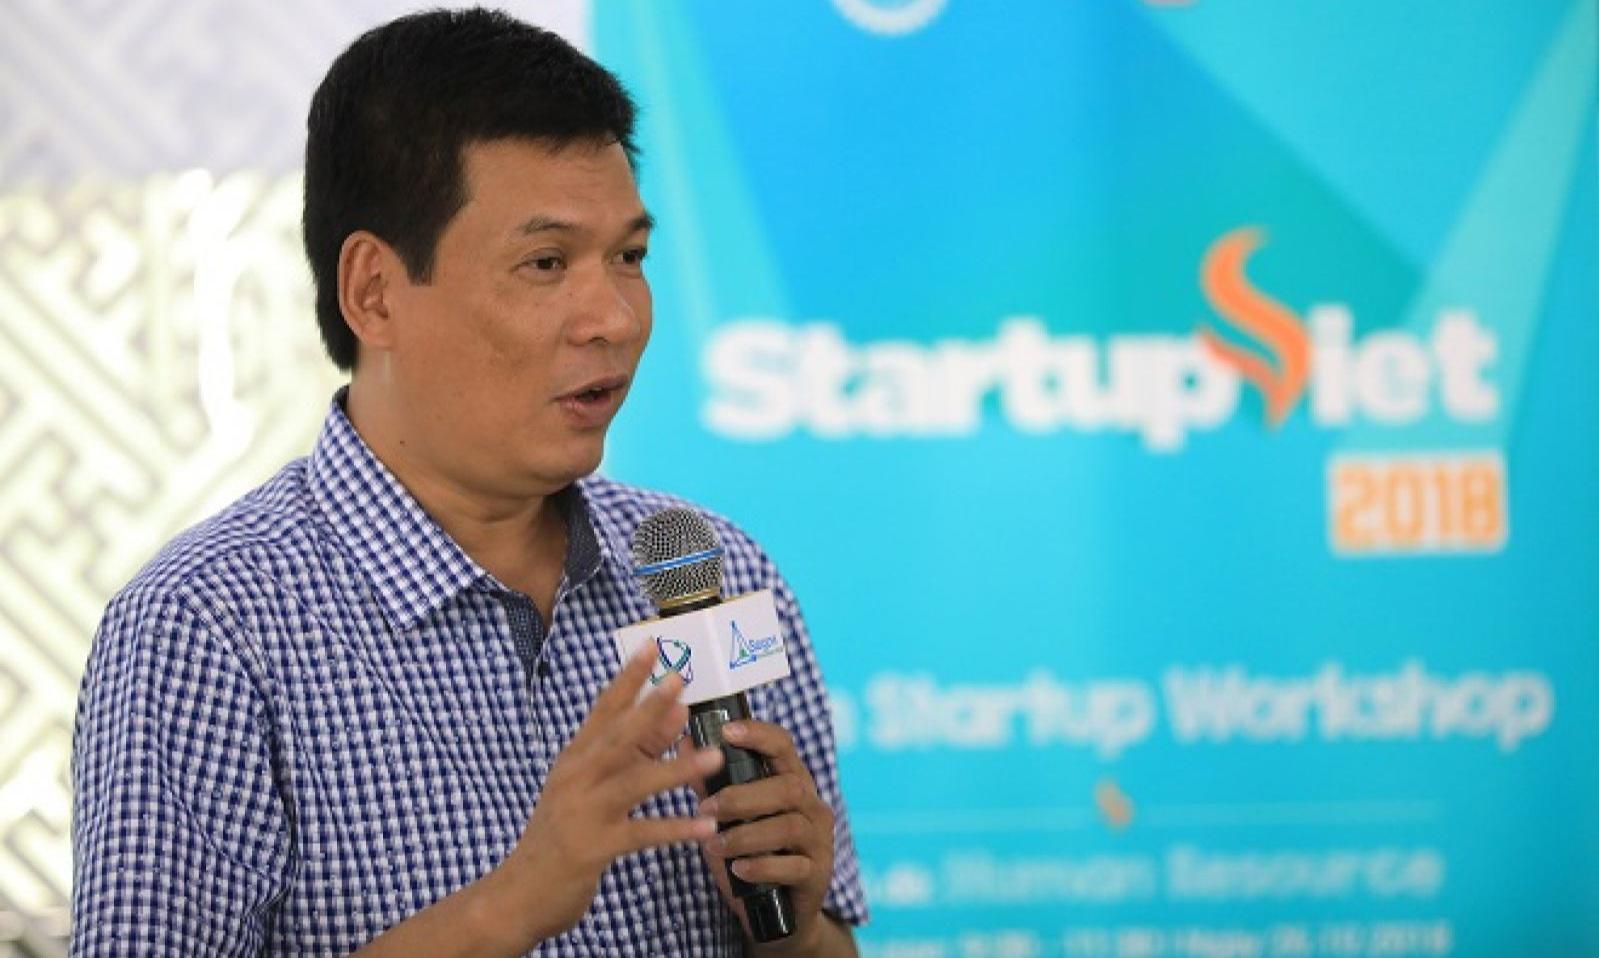 Ông Huỳnh Kim Tước, giám đốc Saigon Innovation hub